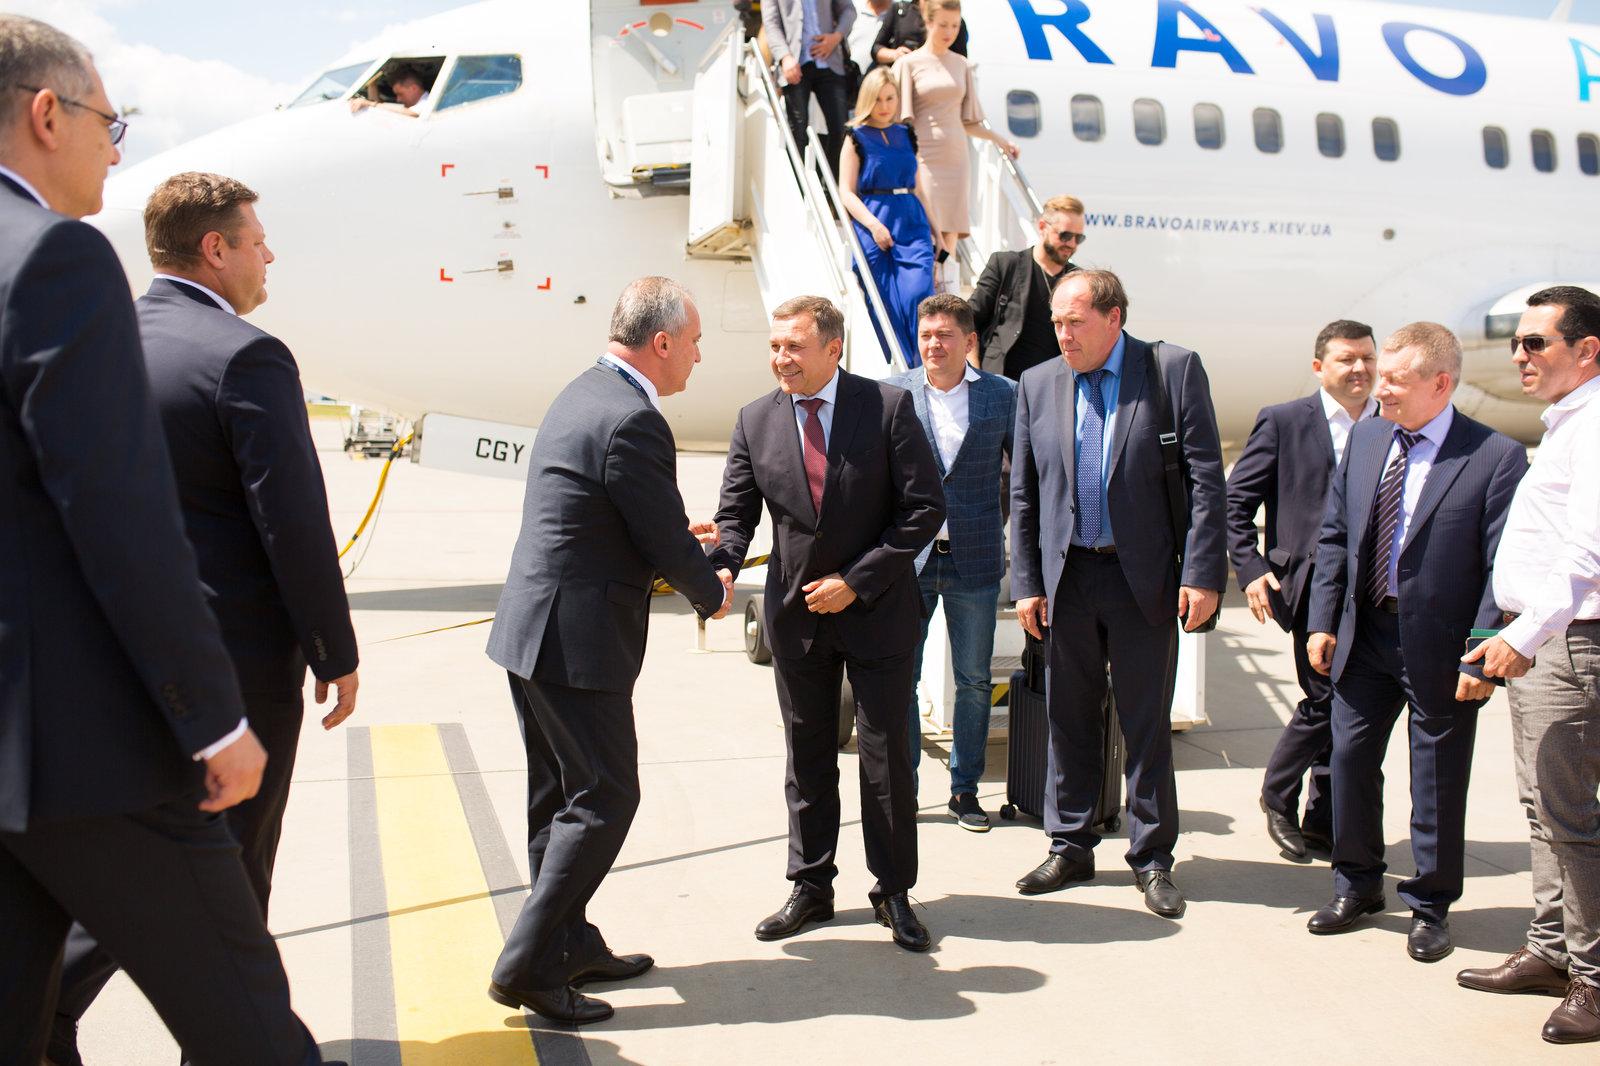 bravo airways запустила новые рейсы в Люблин из трех украинских городов Bravo Airways запустила новые рейсы в Люблин из трех украинских городов LUZ 638 prizemlennya